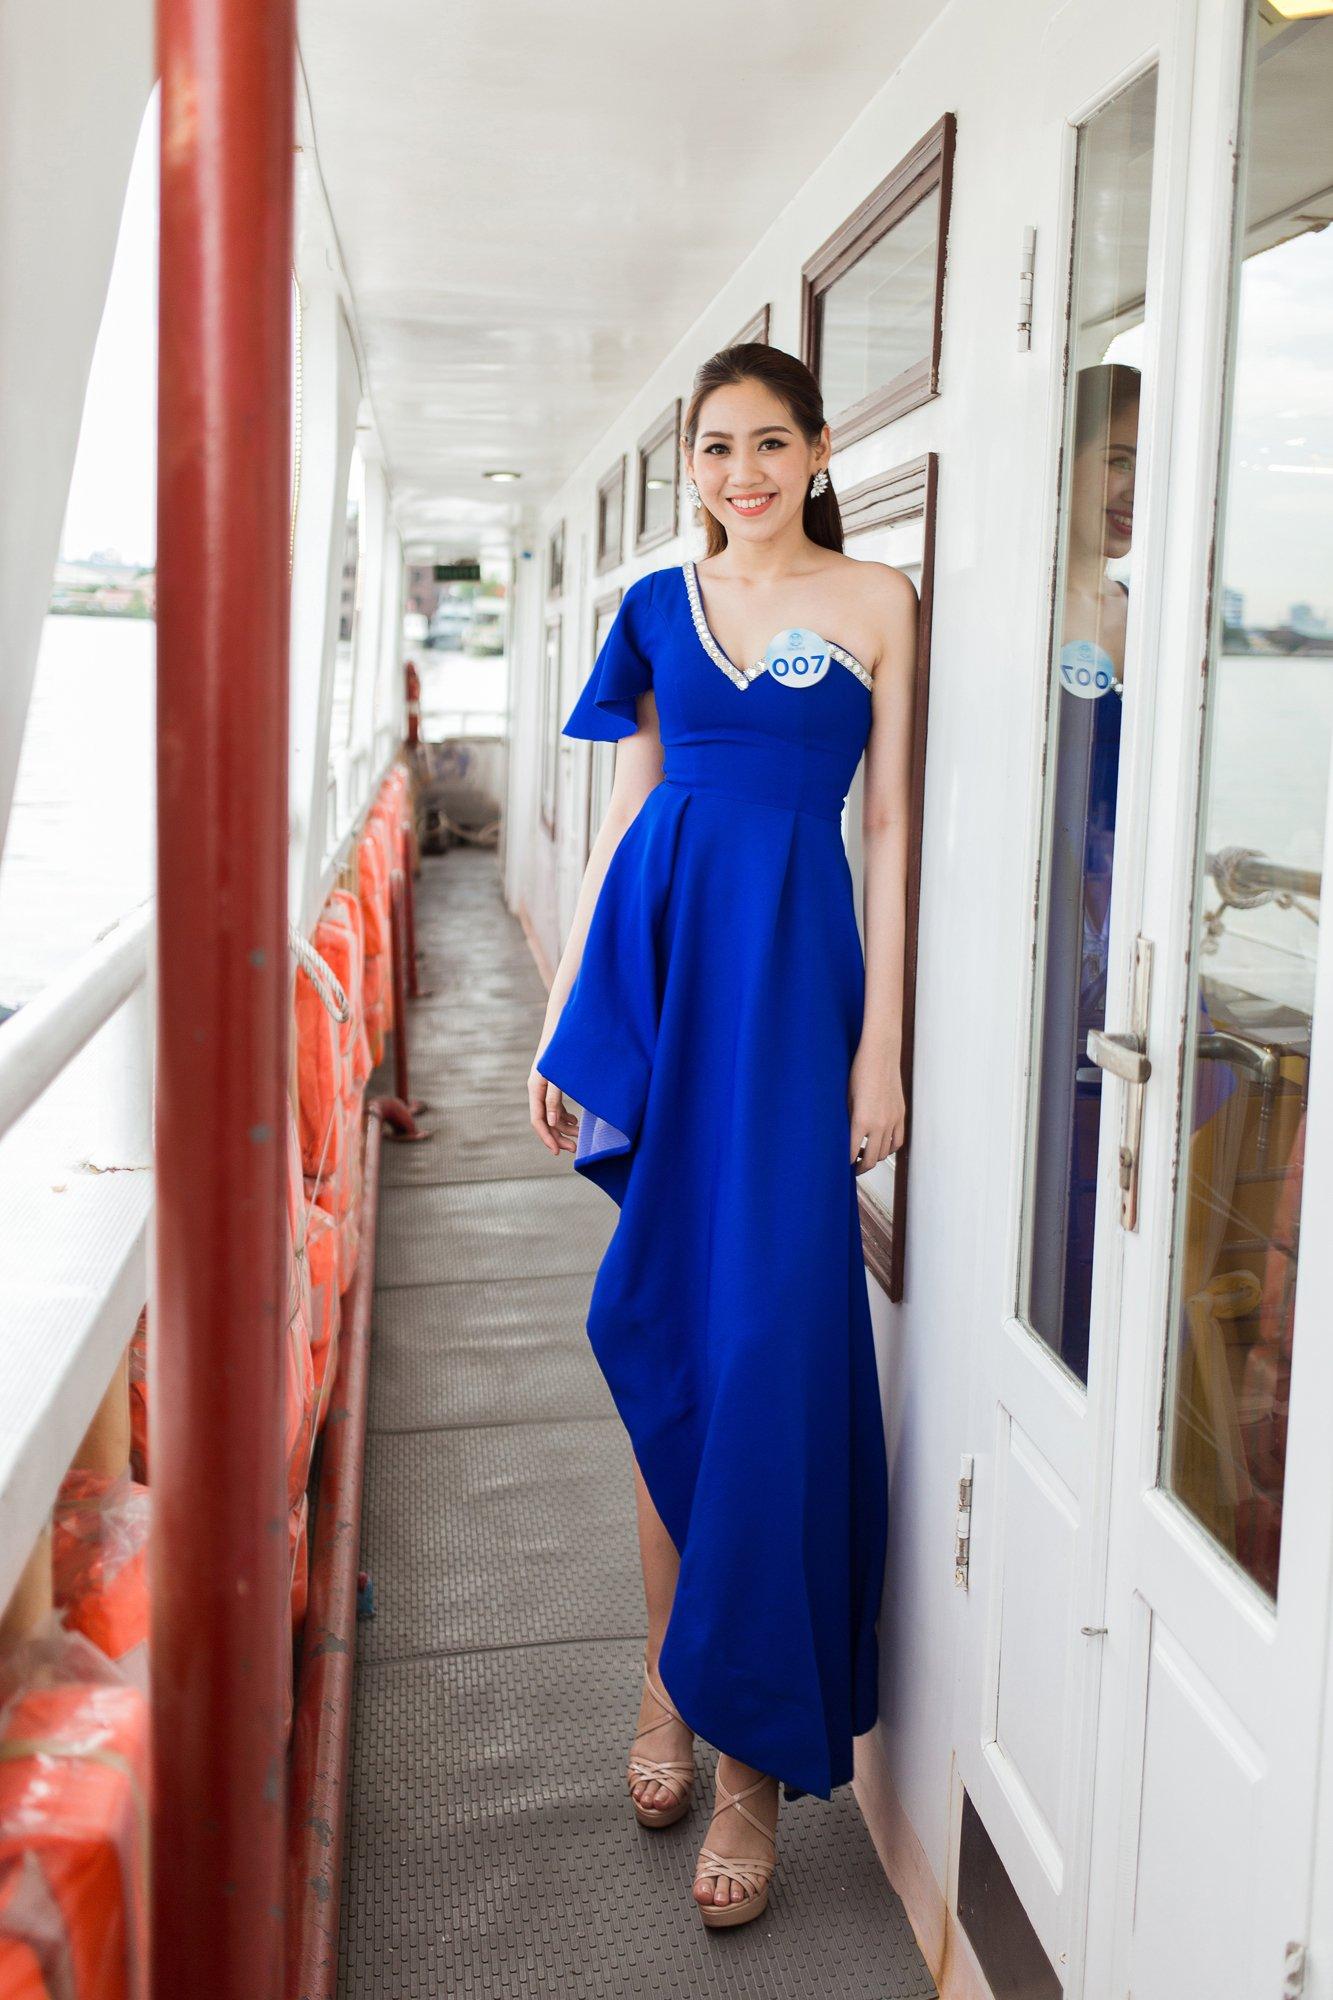 King Yacht Cruise đồng hành cùng Miss World Việt Nam 2019 - 3